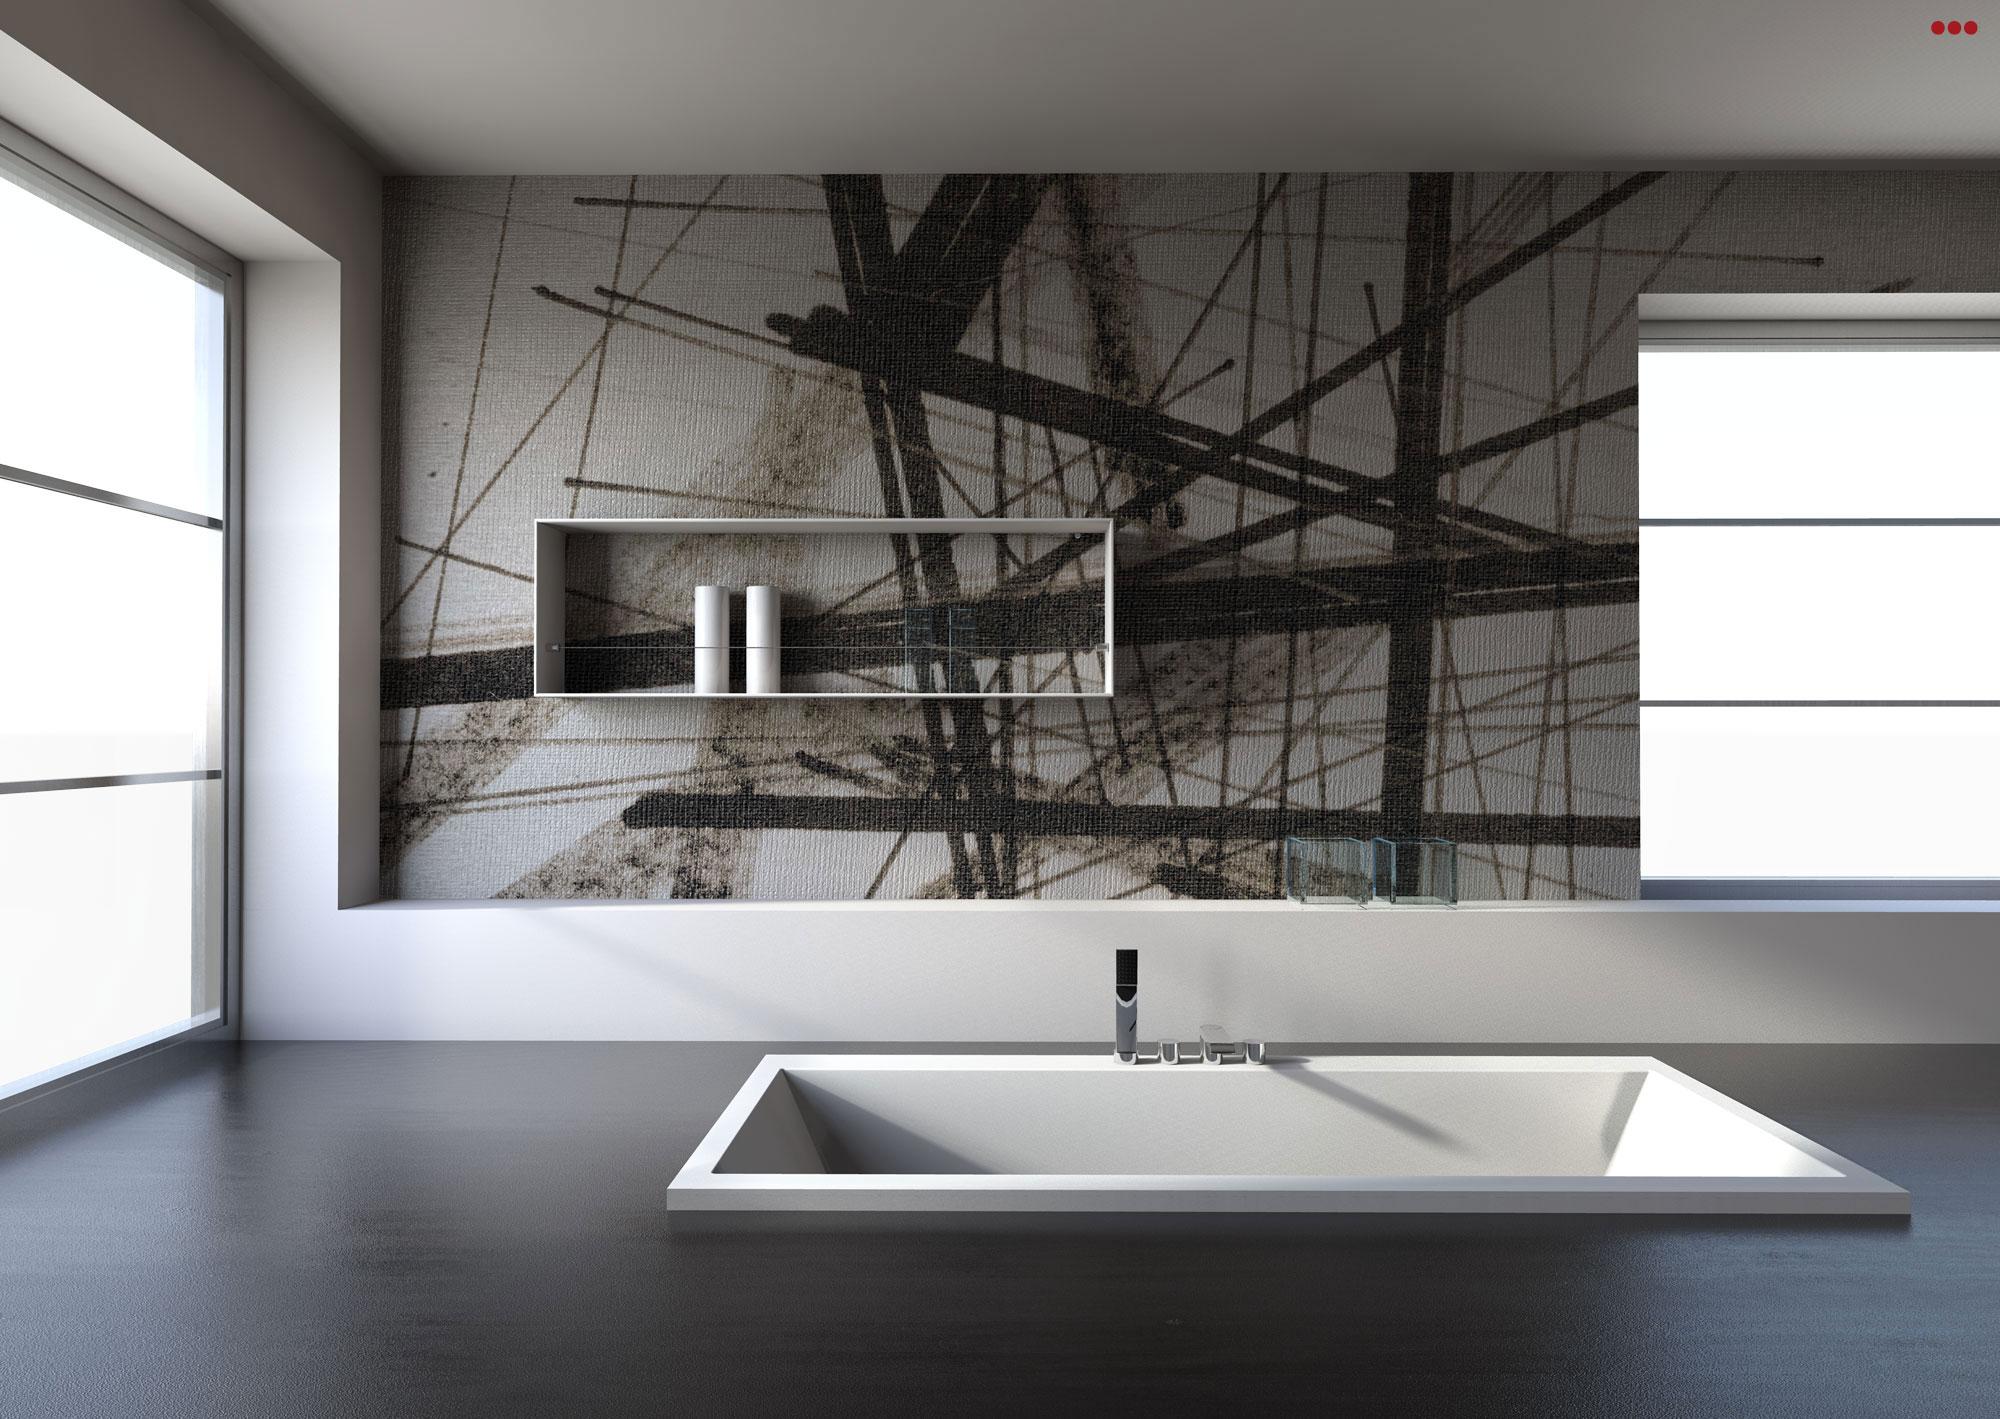 Arredo bagni 3d studio bartolini grafica e rendering 3d for Arredo bagno 2017